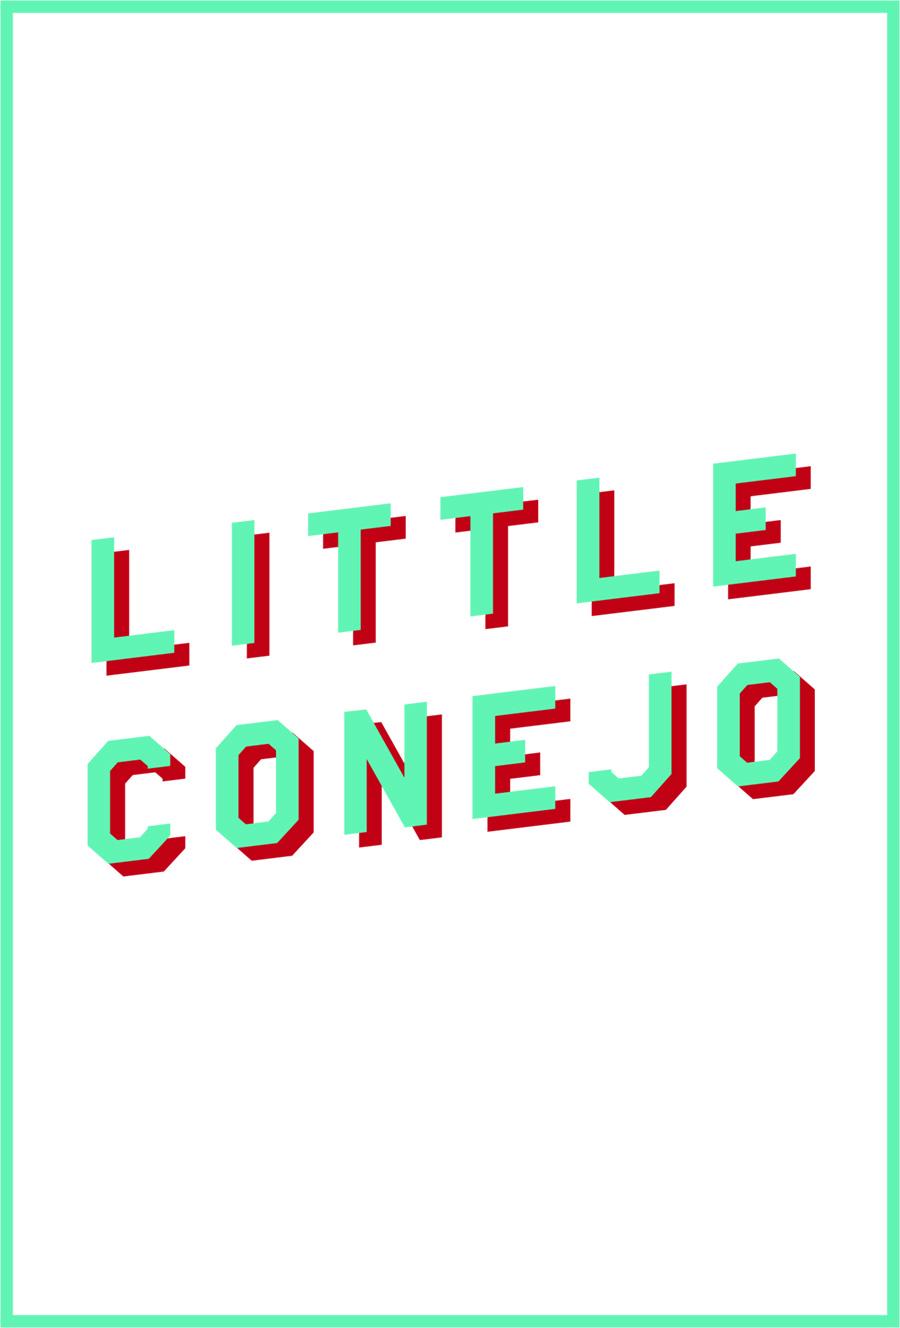 LittleConejo.jpg